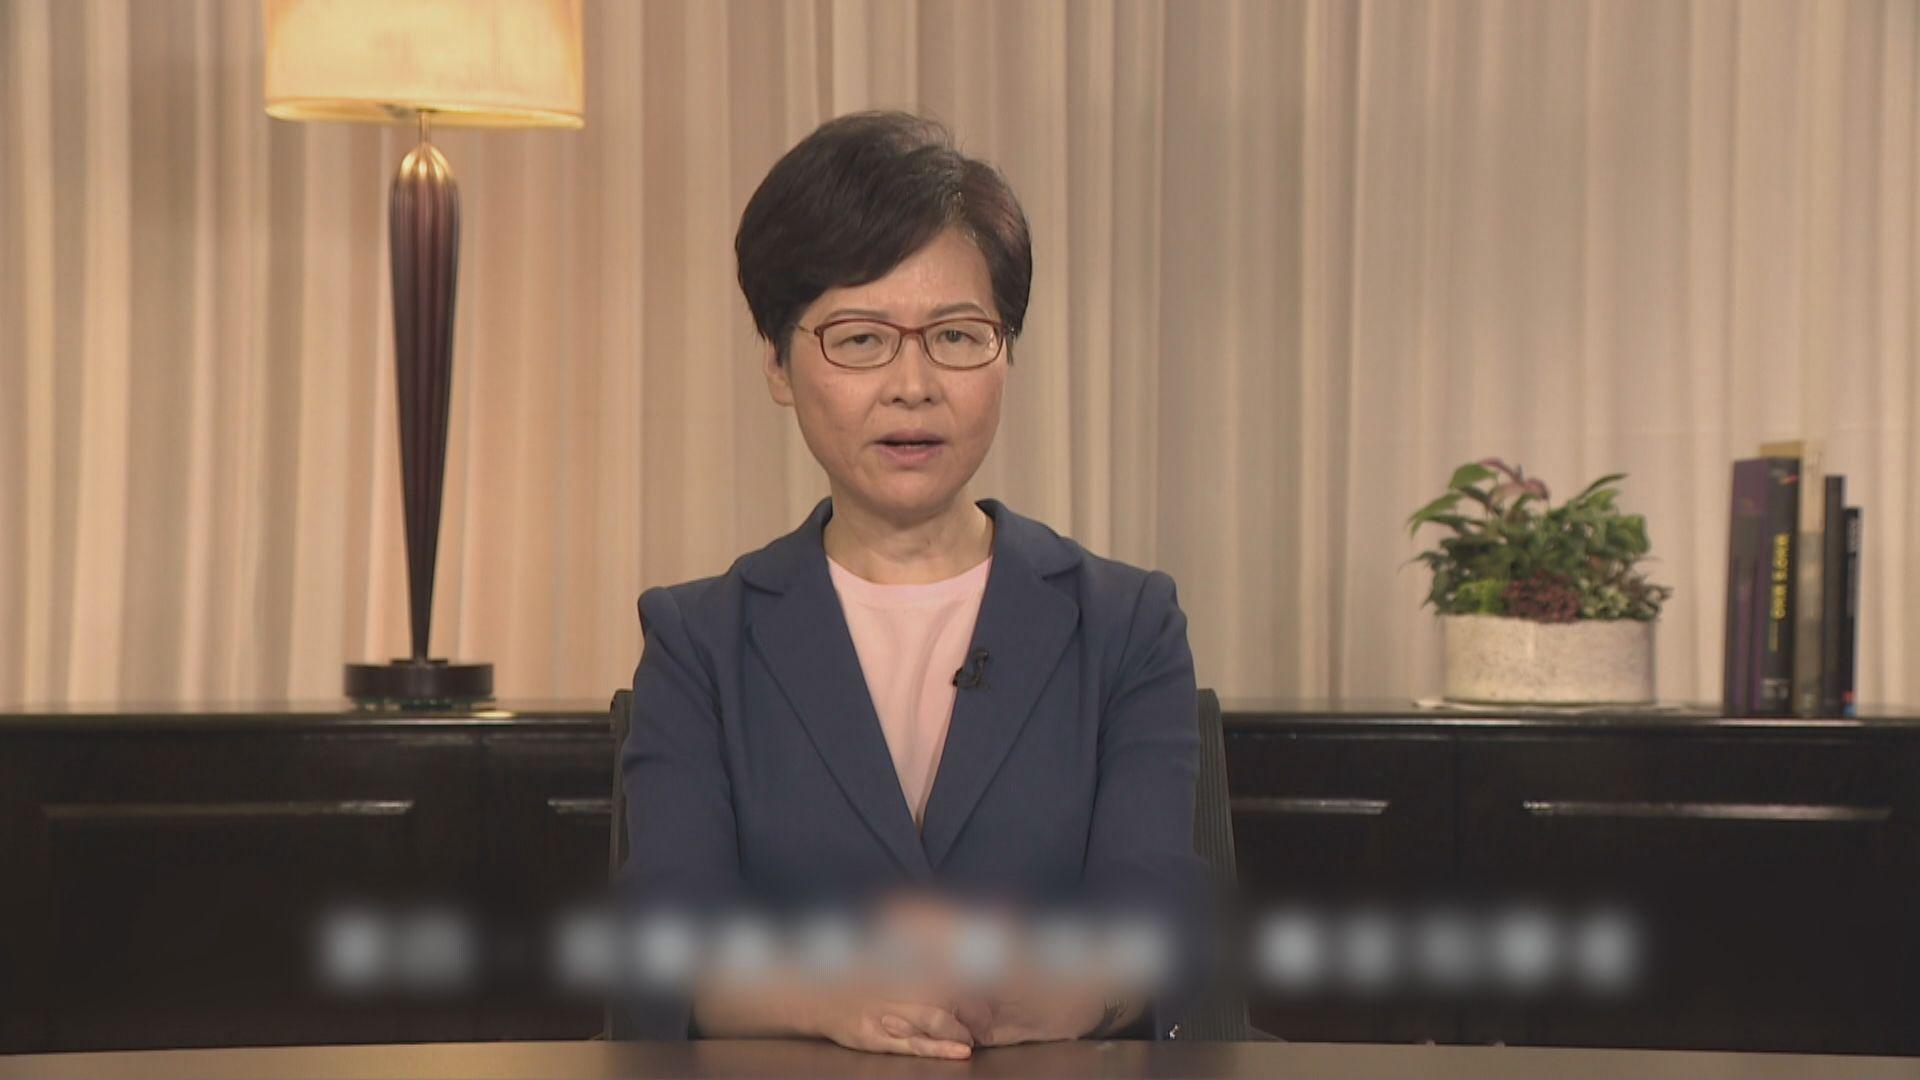 林鄭電視講話提出四大行動回應五大訴求